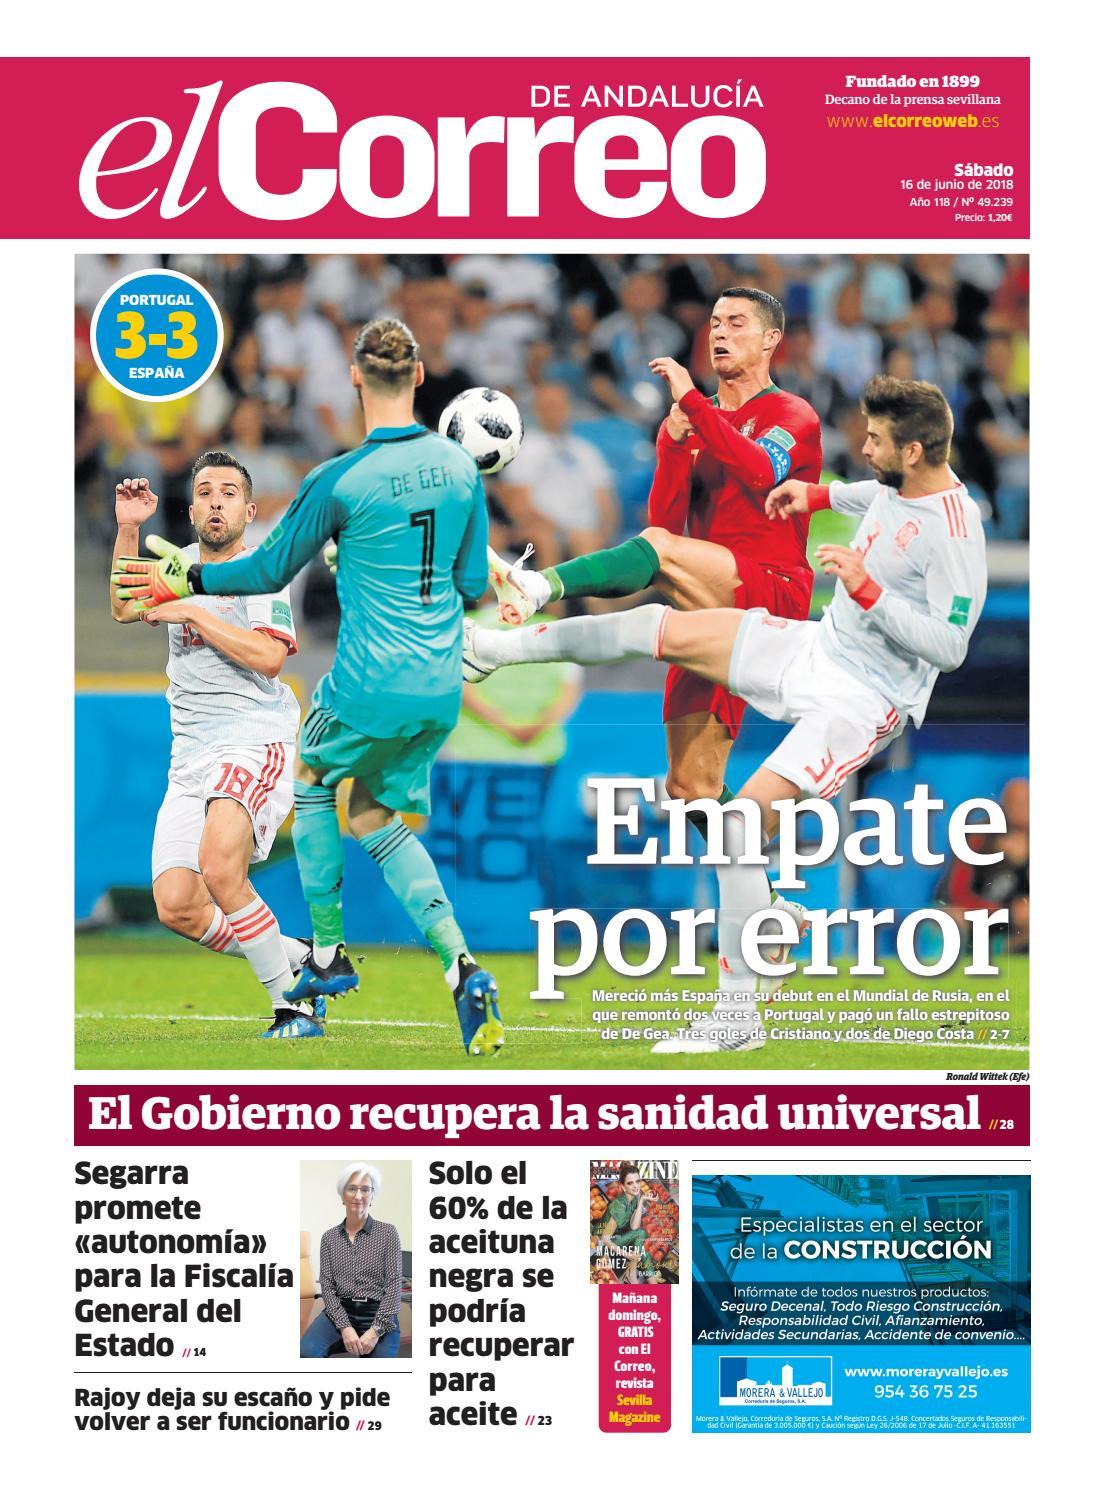 E S De lIssuu 16 06 2018 Andalucía By Correo El SUMVzp